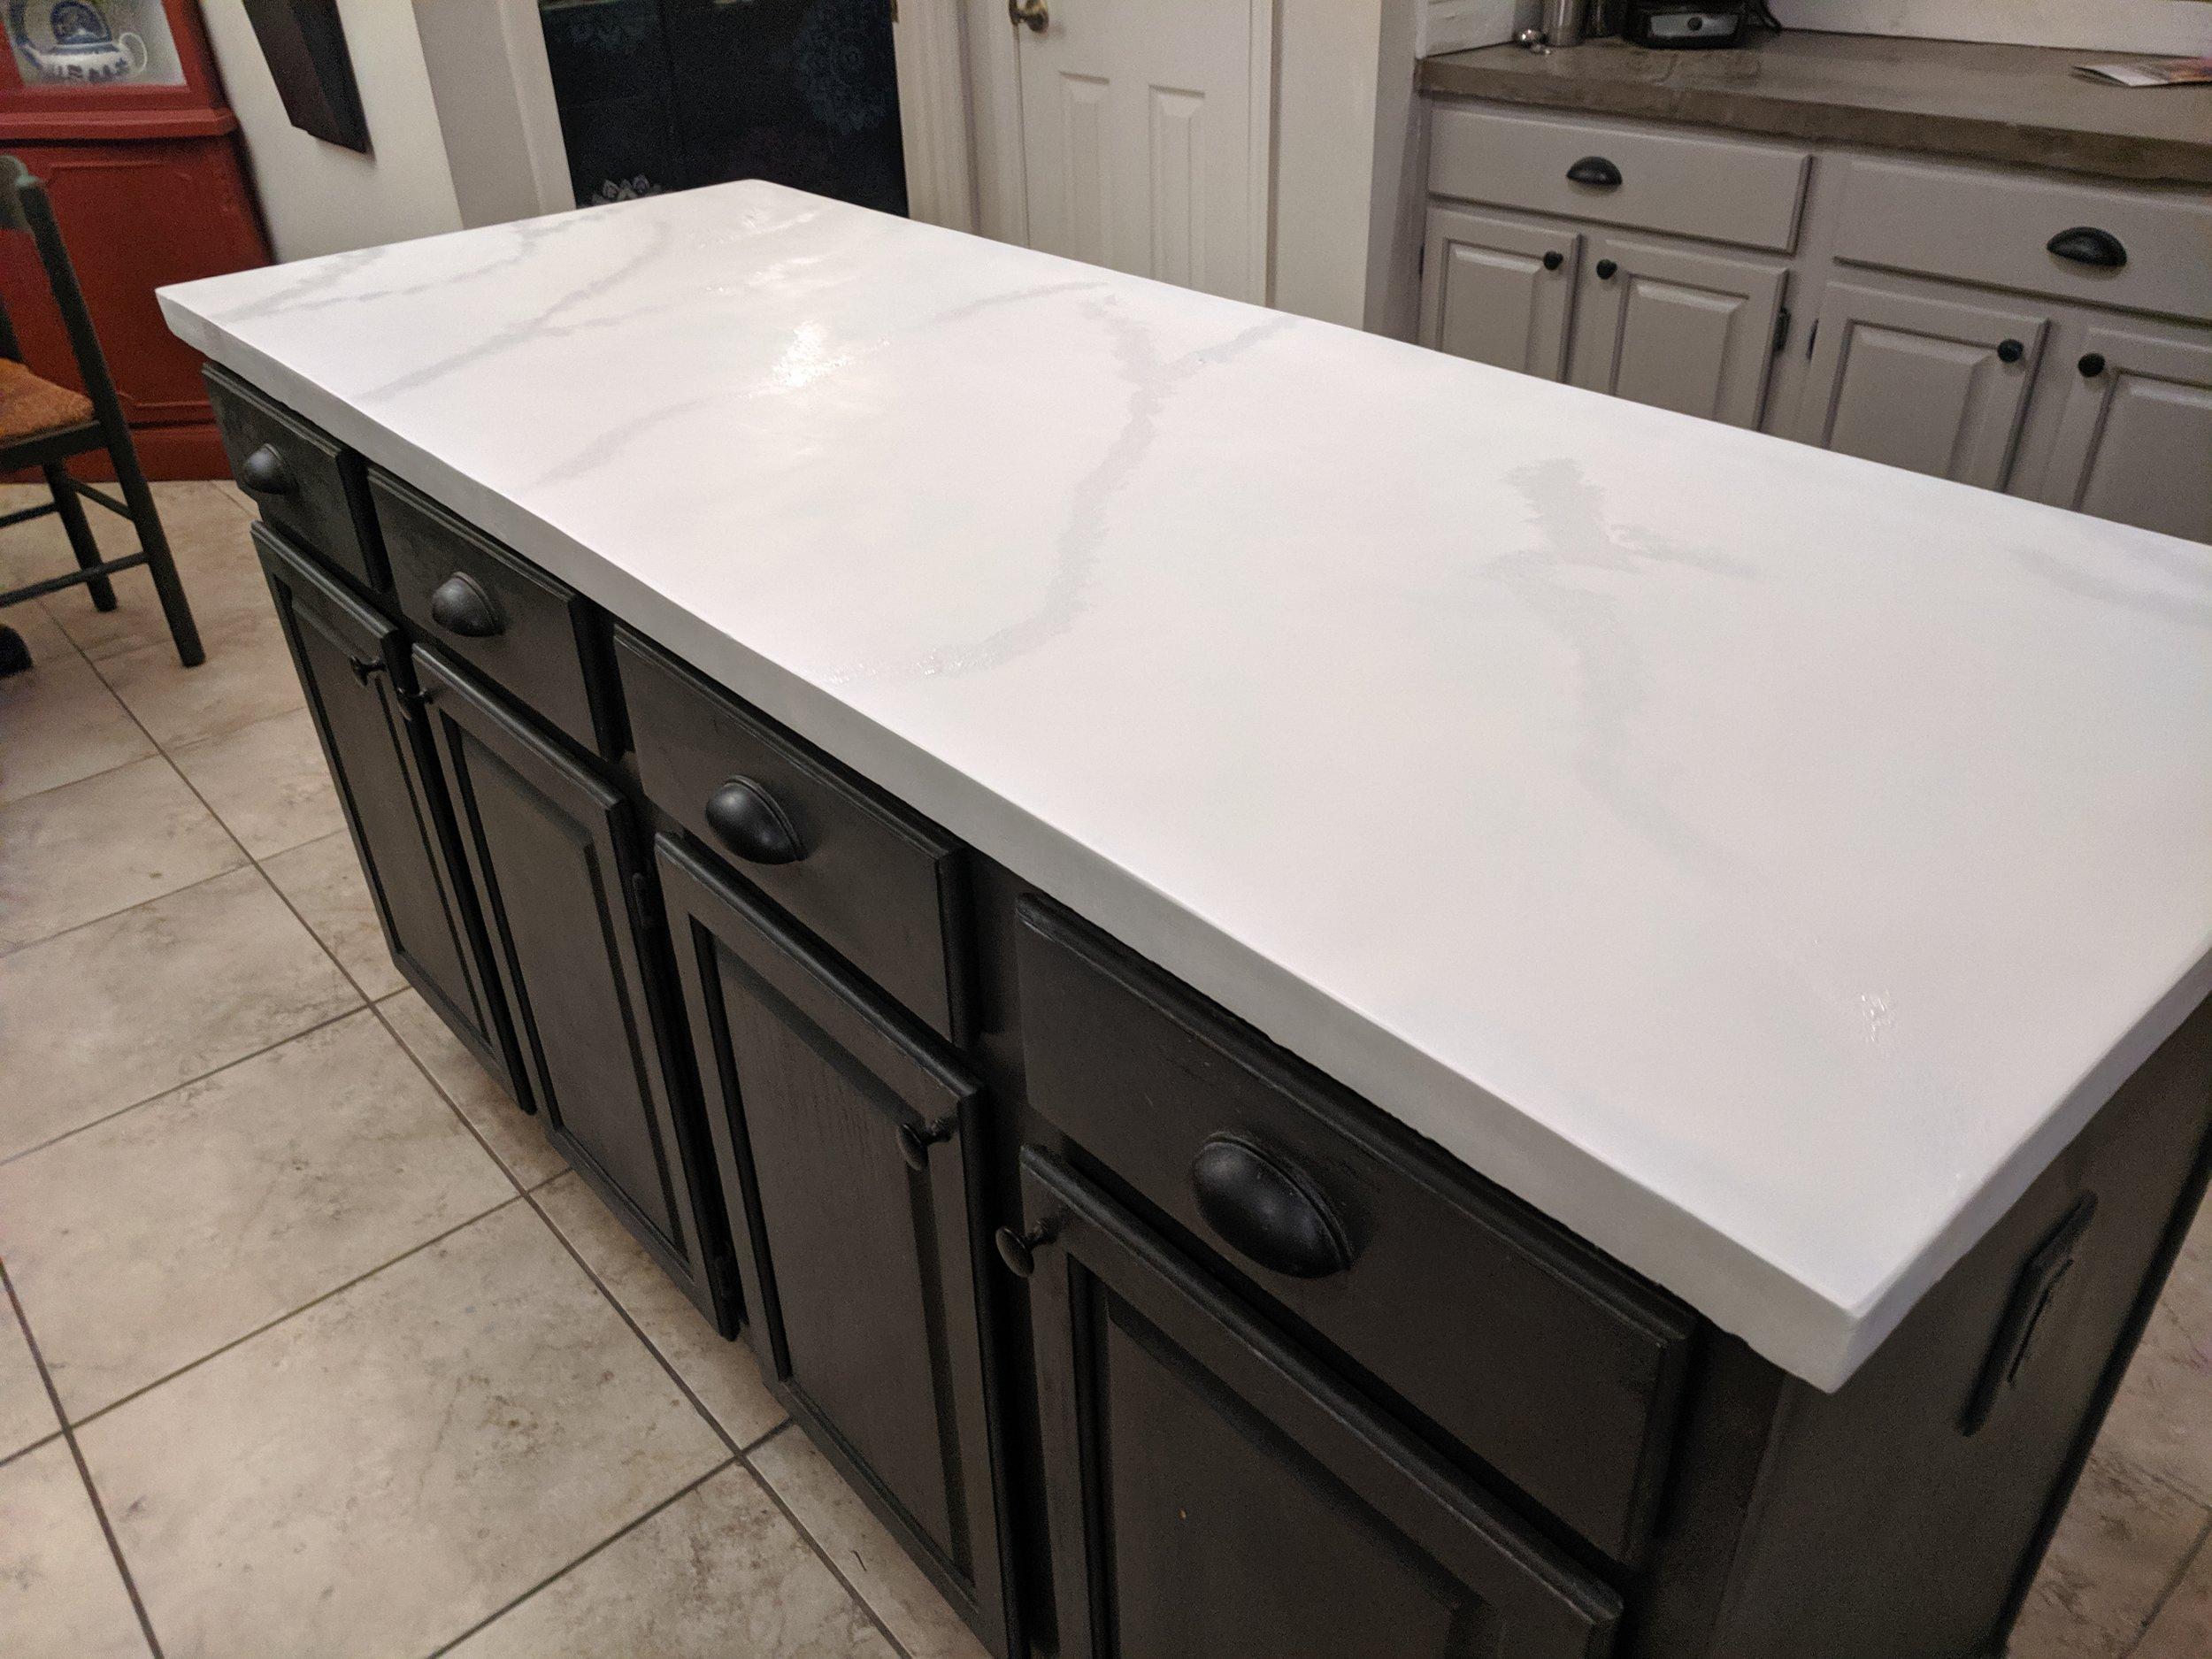 counter - sponged white paint base.jpg